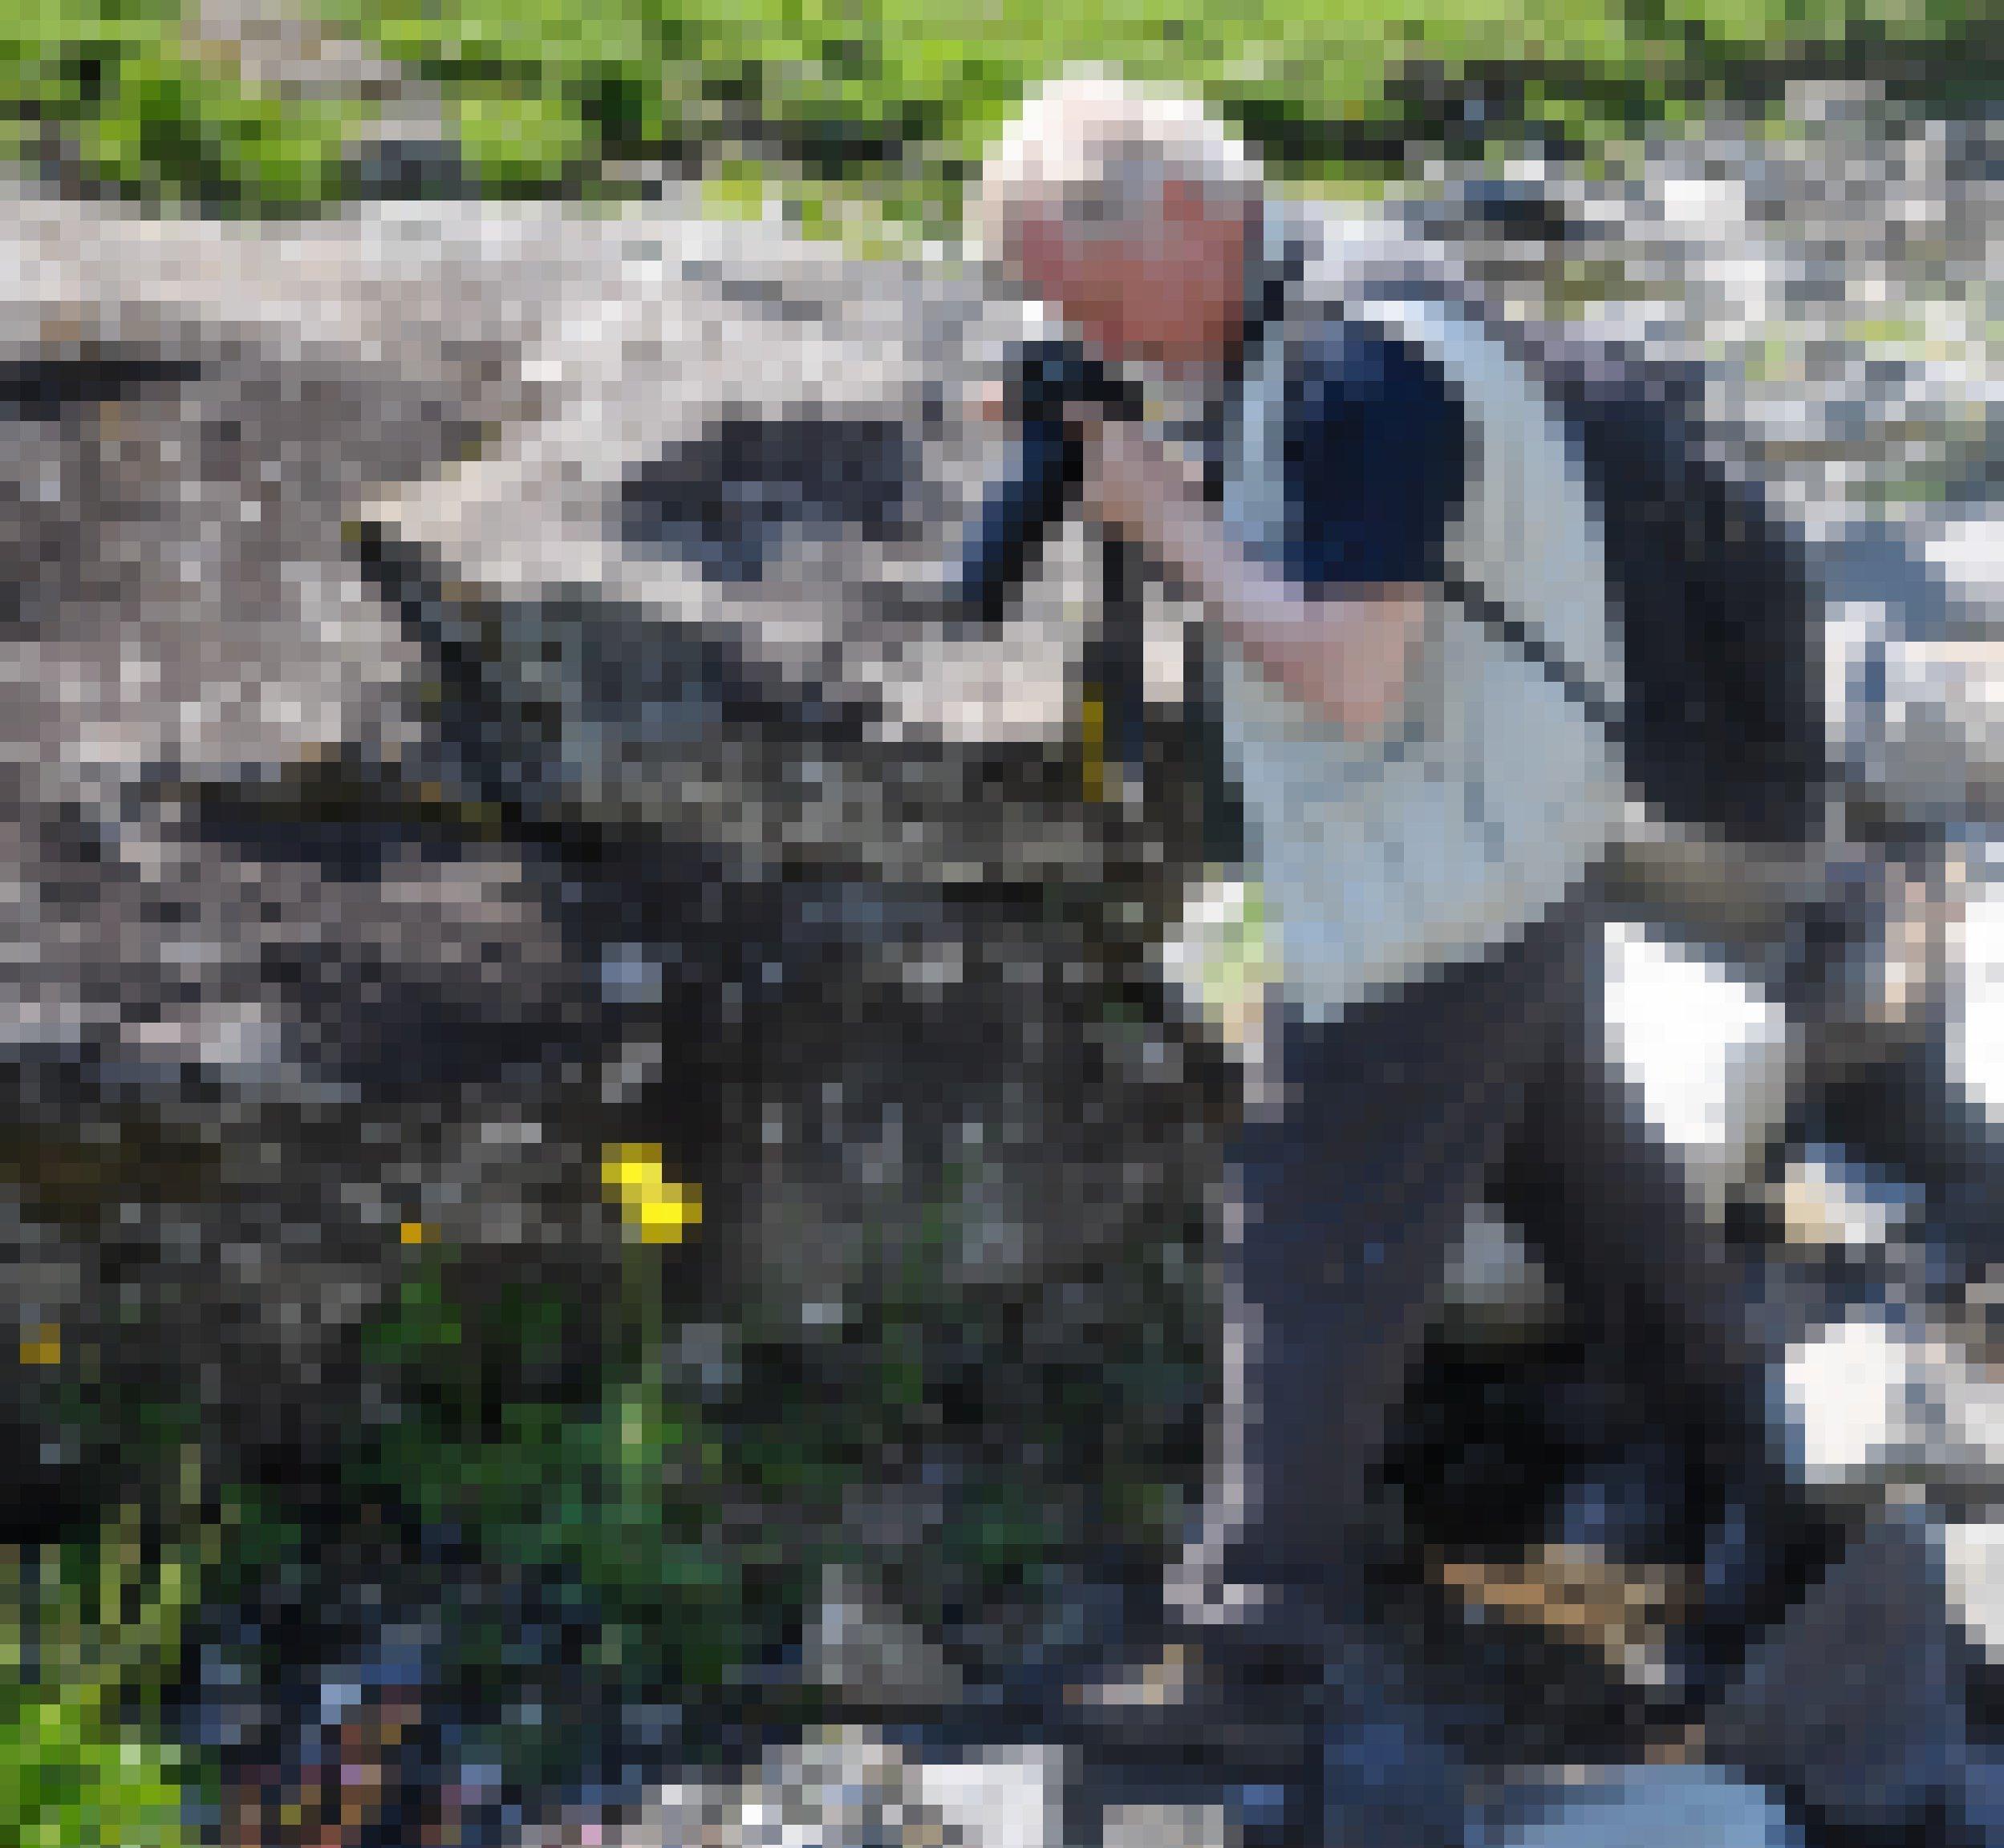 Ein Mann mit weißen Haaren und Bart fotografiert mit einem langen Objektiv eine gelbe Blüte in einer Felslandschaft.